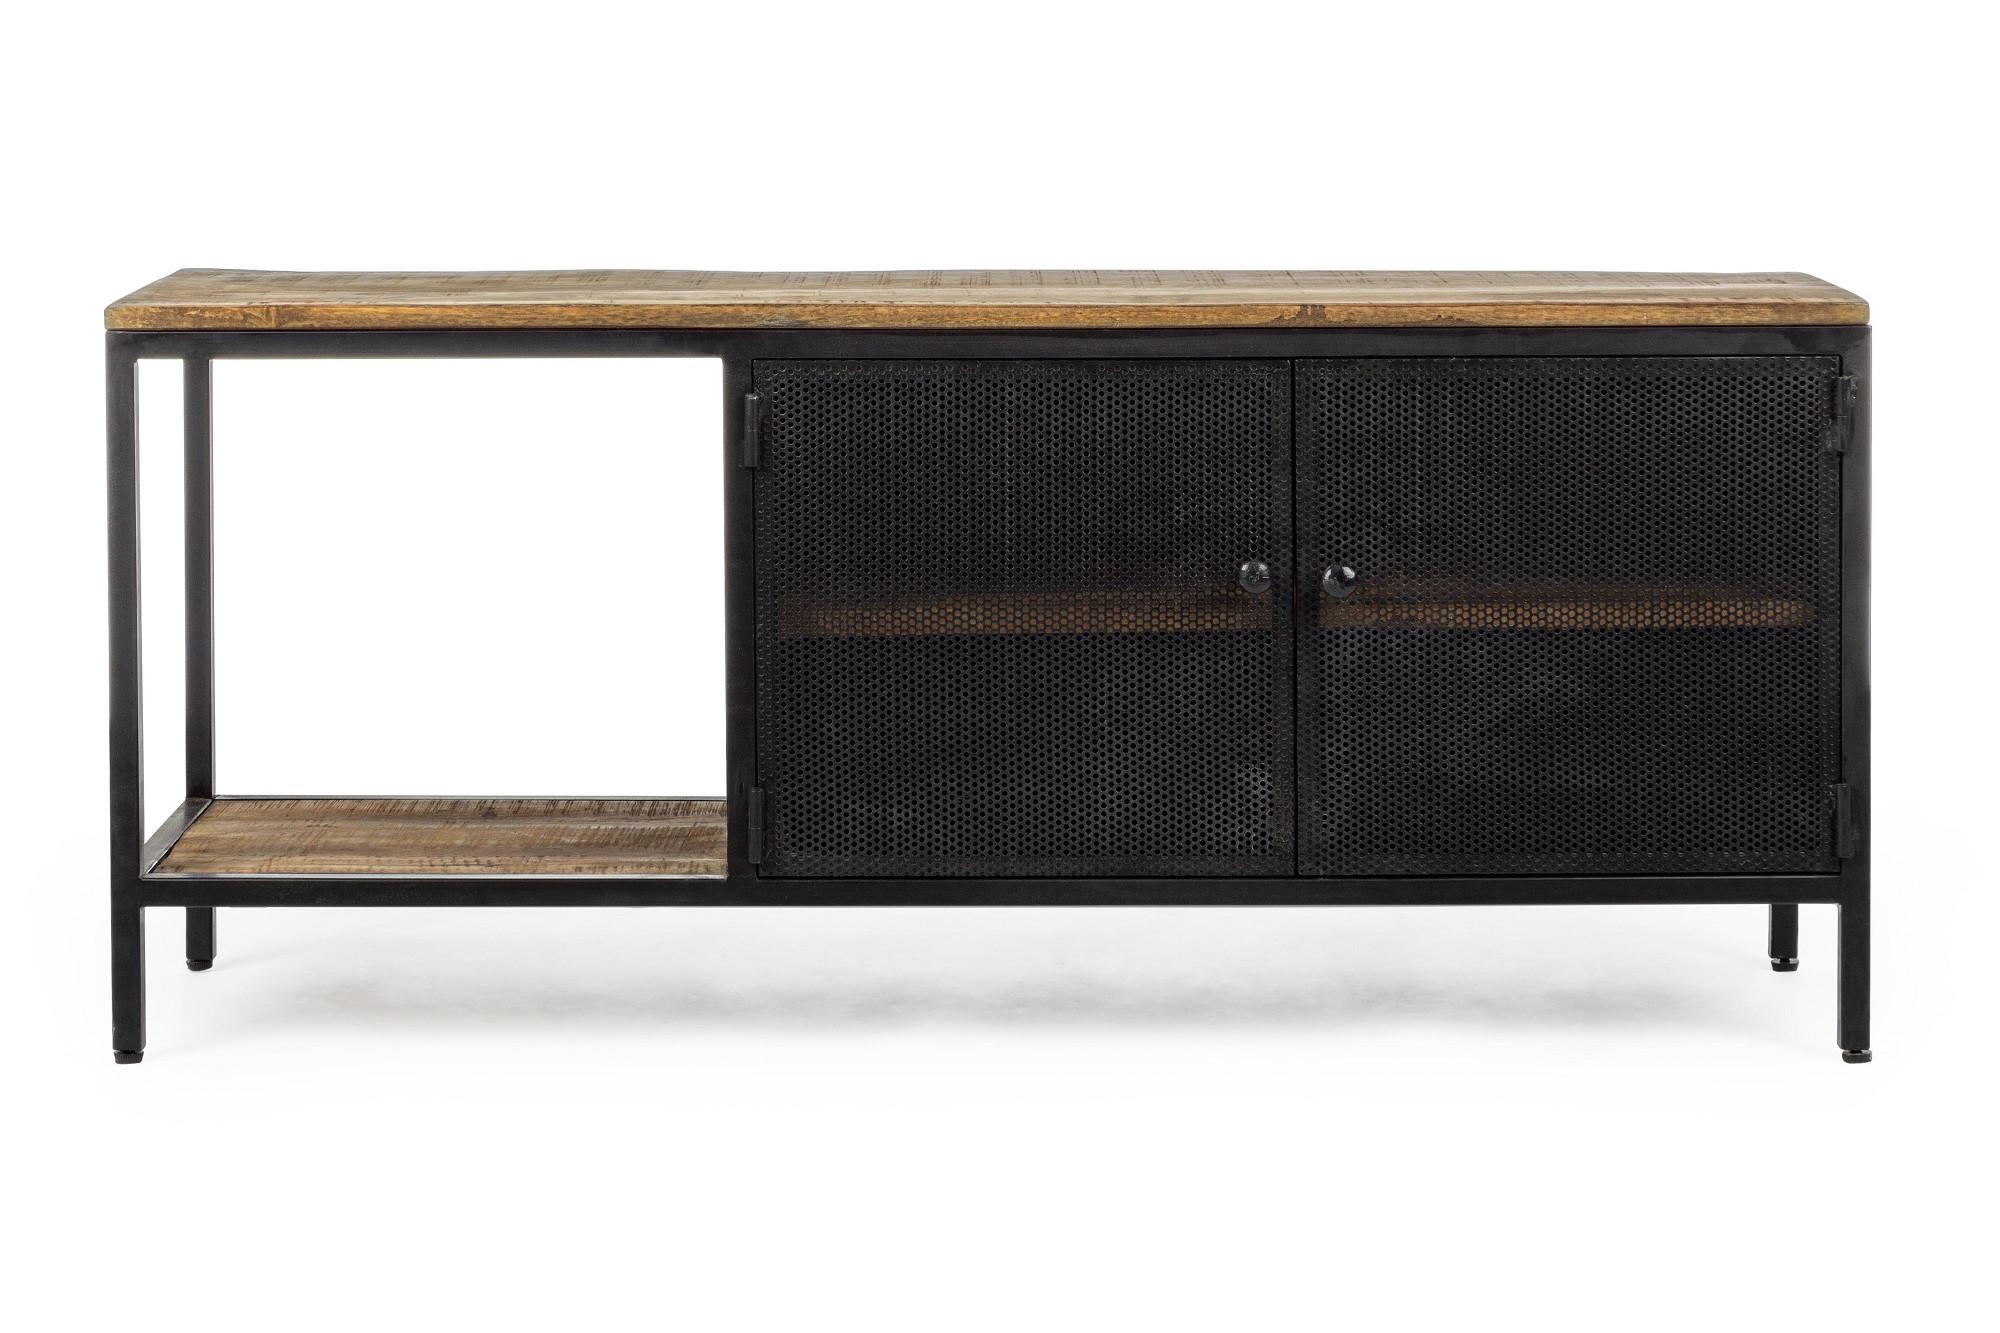 meuble tv industriel en bois et metal 2 portes 1 case hellin